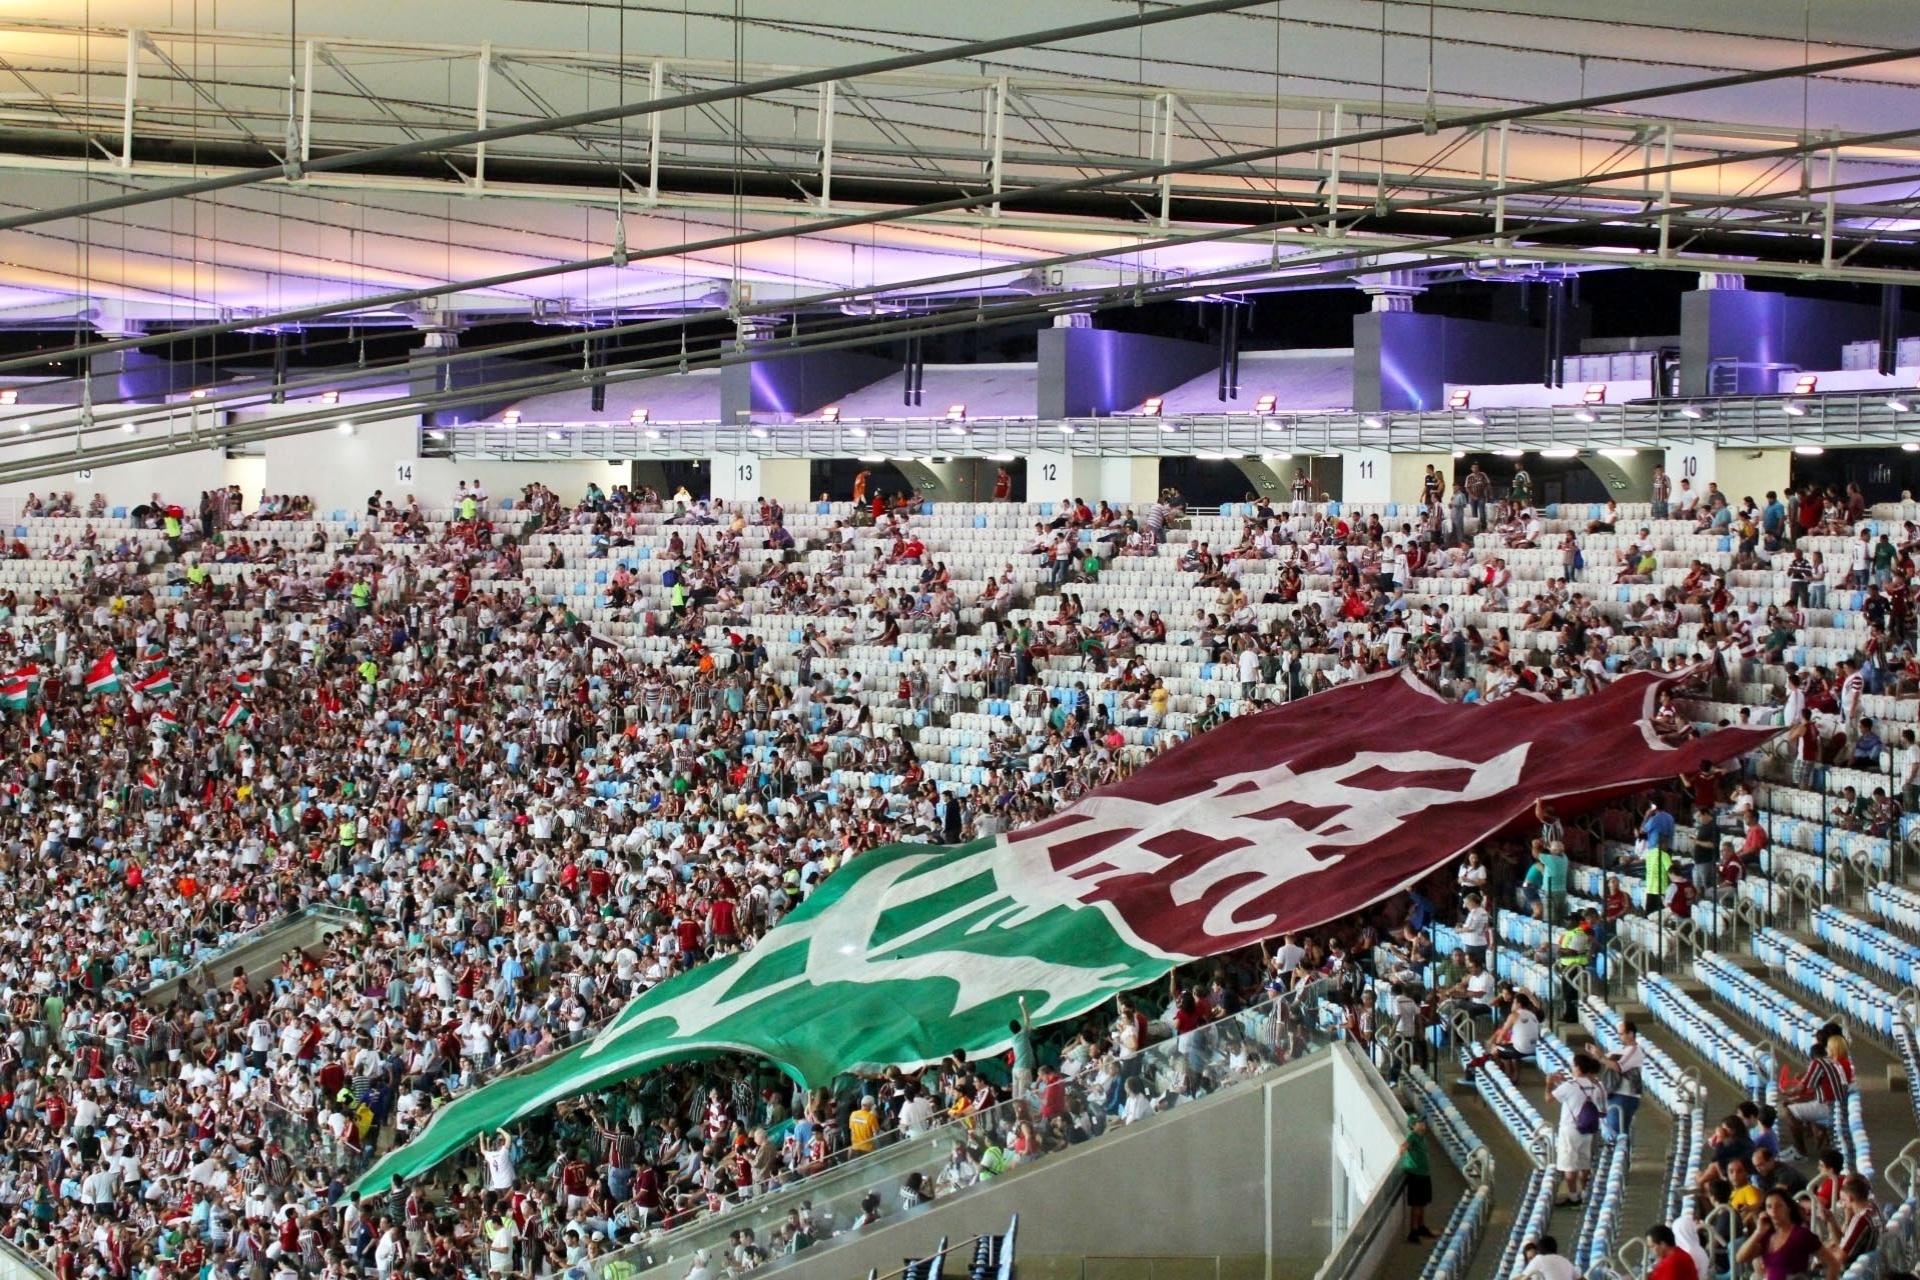 21.07.13 - Torcida do Fluminense marca presença no Maracanã para o duelo contra o Vasco